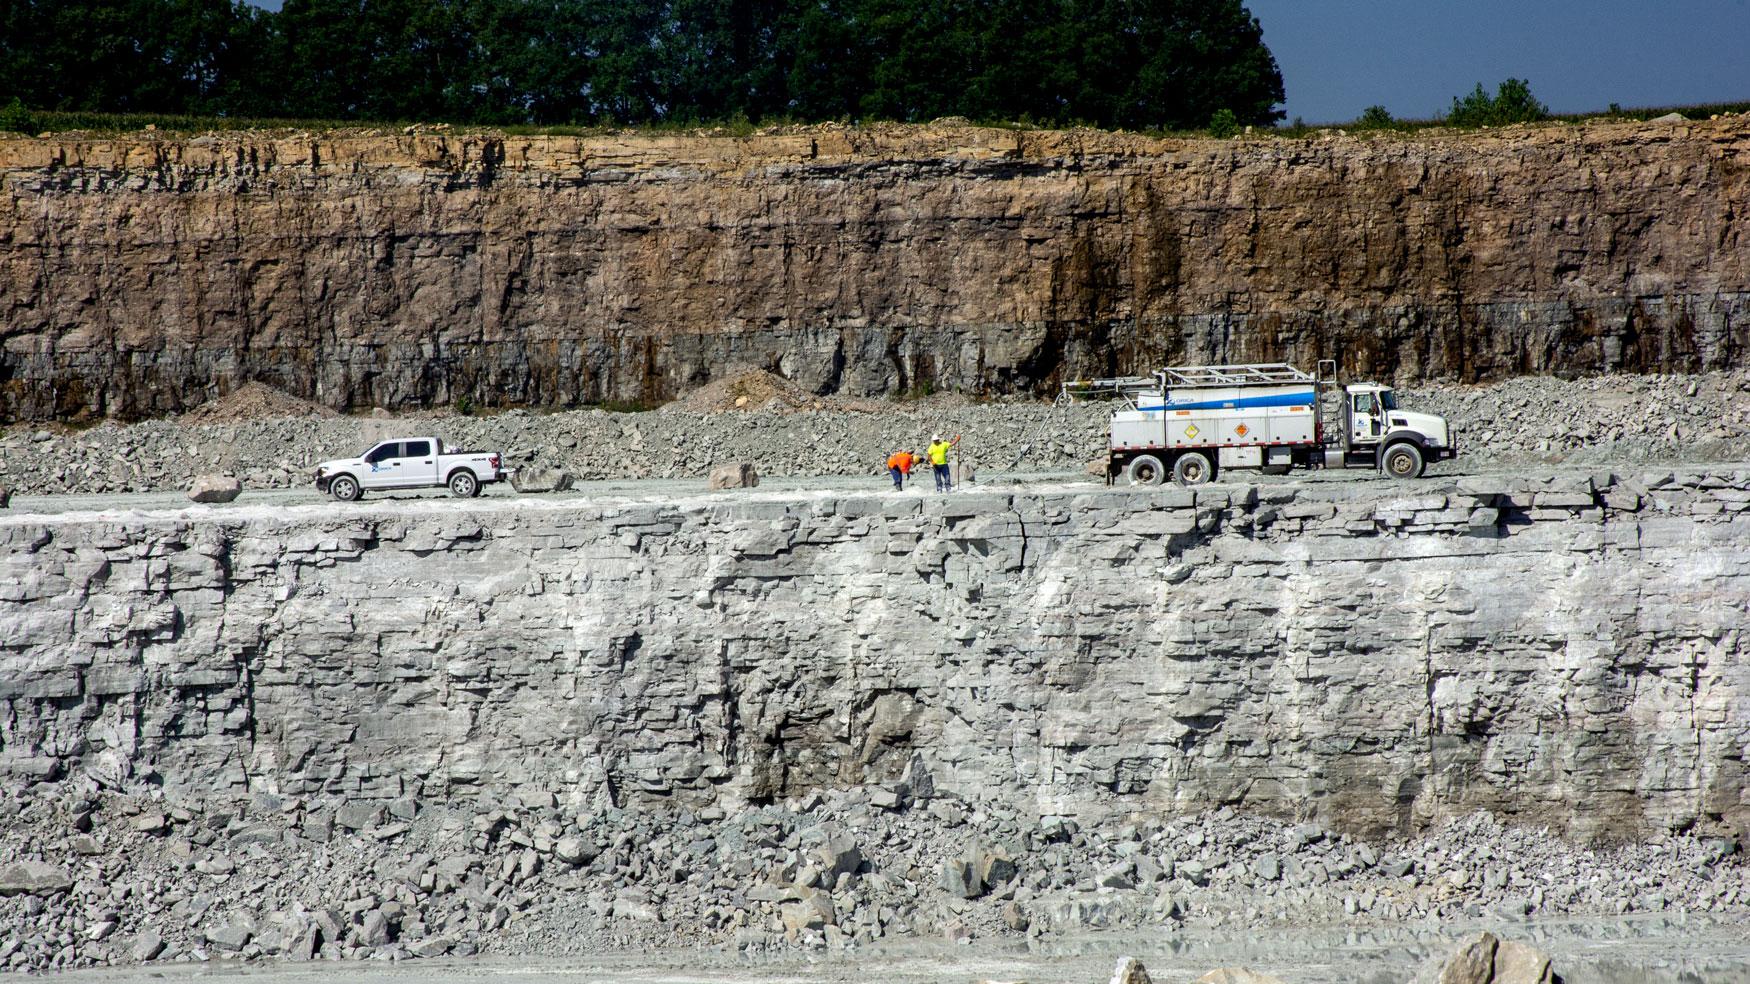 Flat Rock quarry